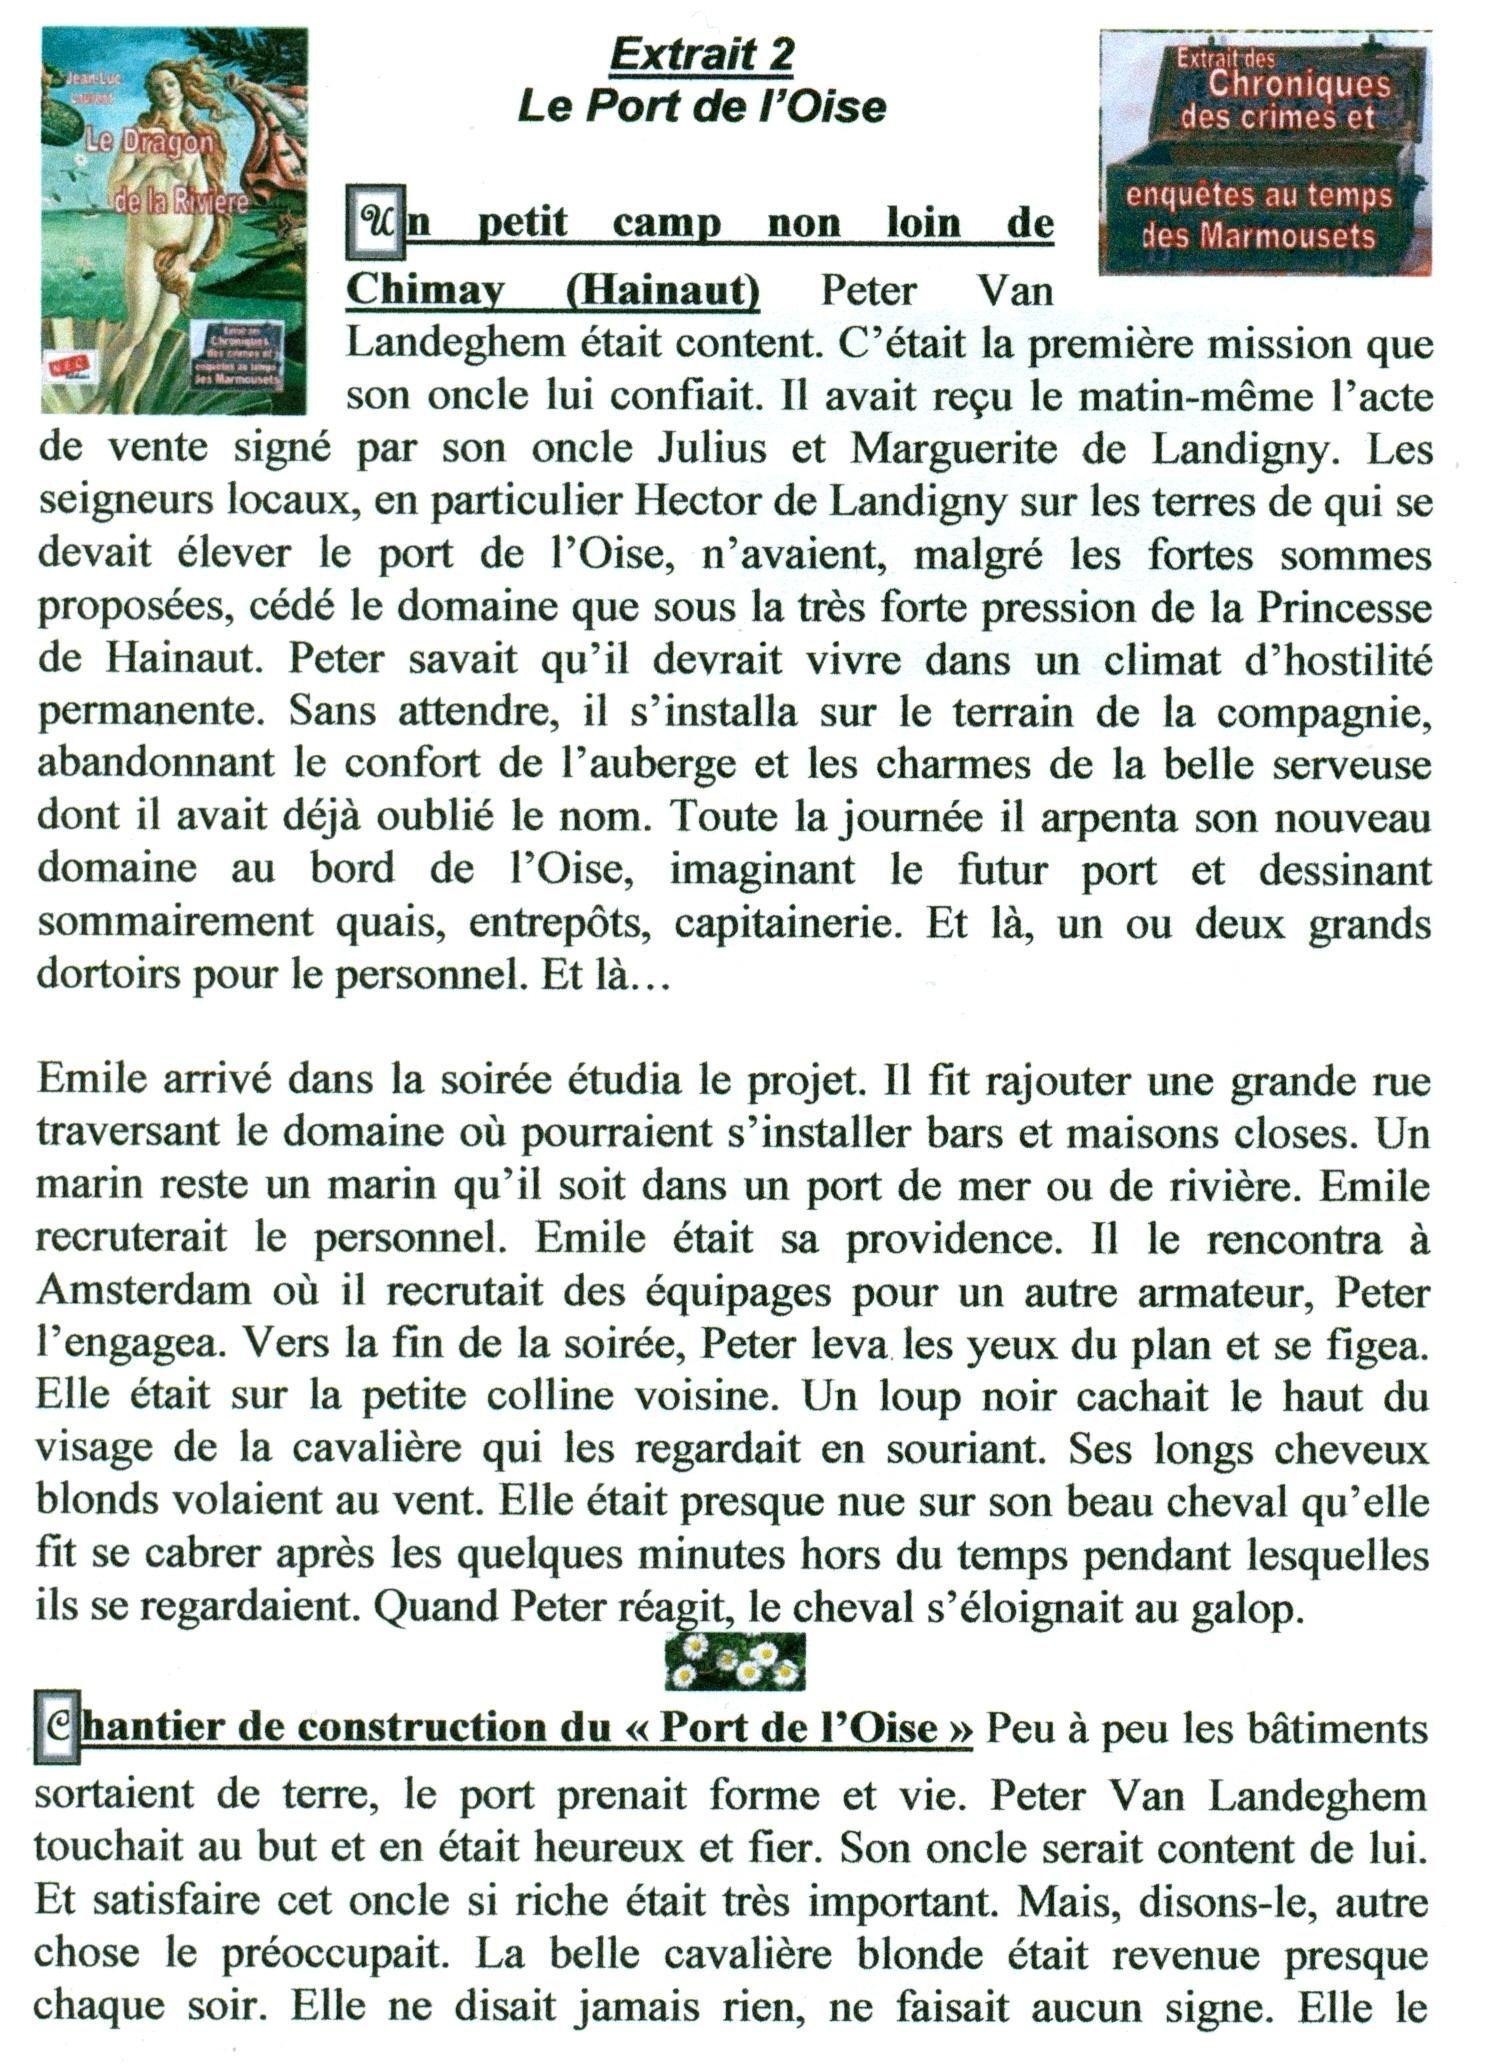 Extrait 2 Le Port de l'Oise dans extraits numerisation0095